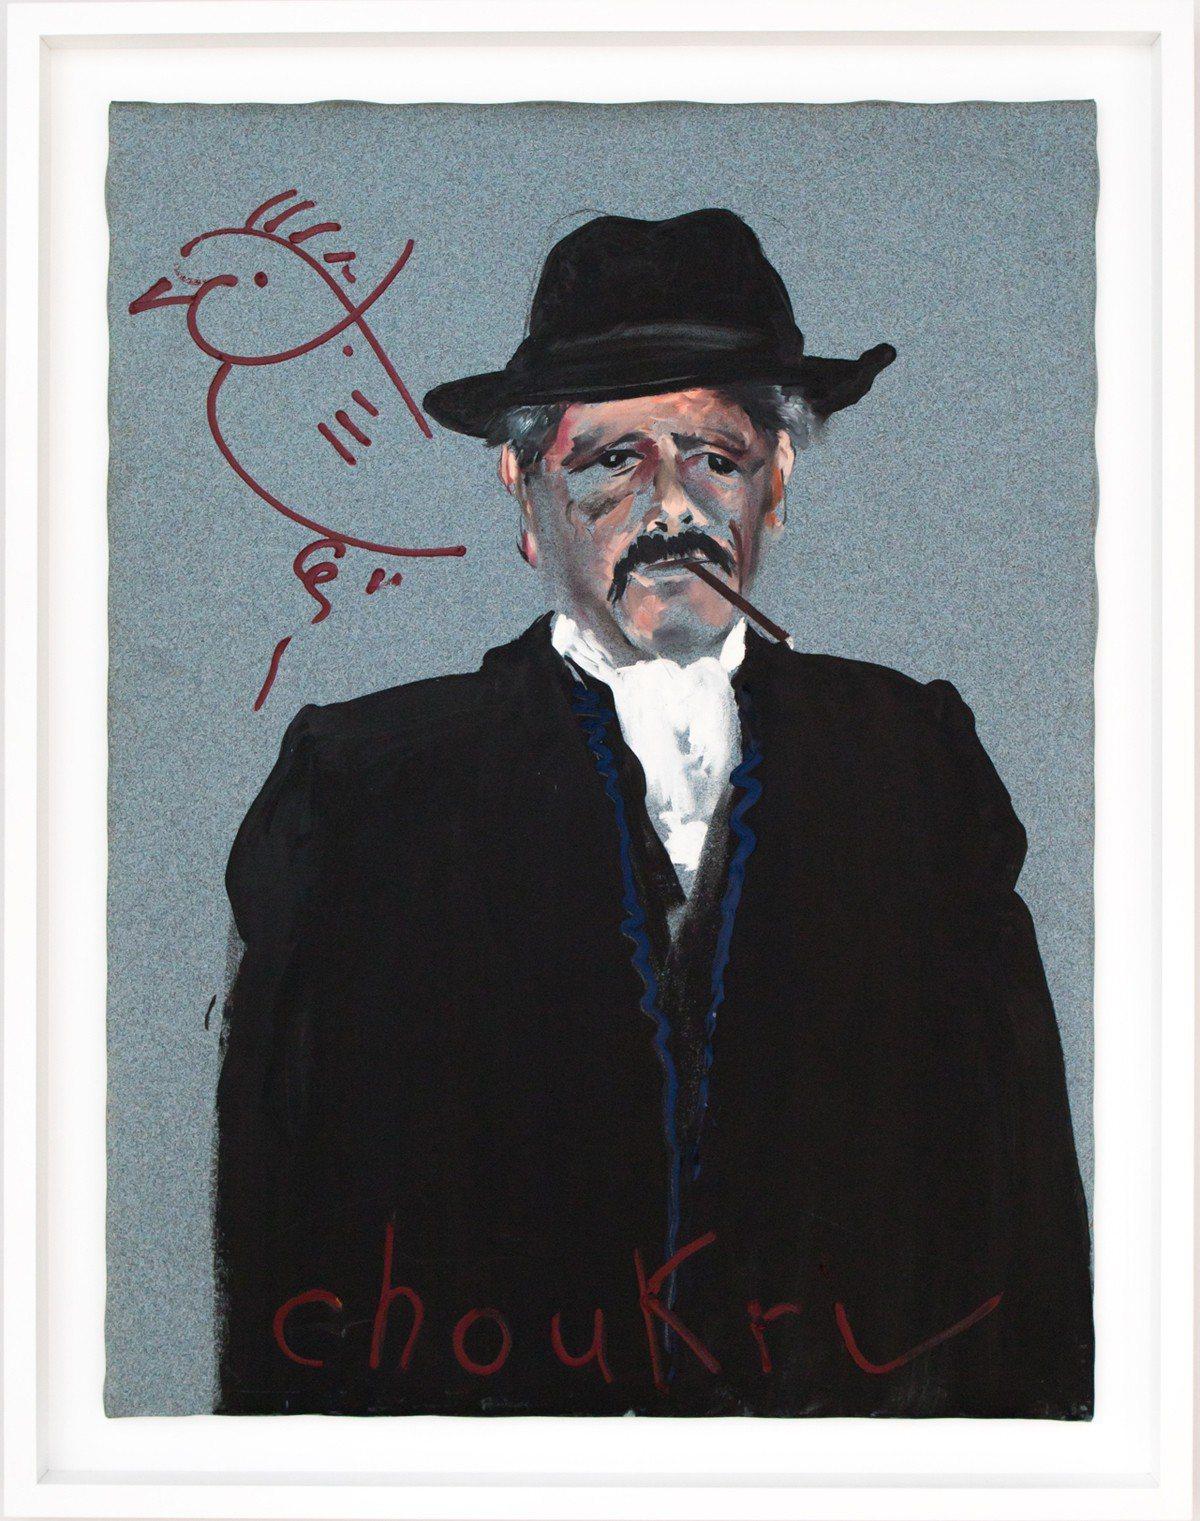 蒙迪諾 Choukri 1996 油氈油畫 120x90cm